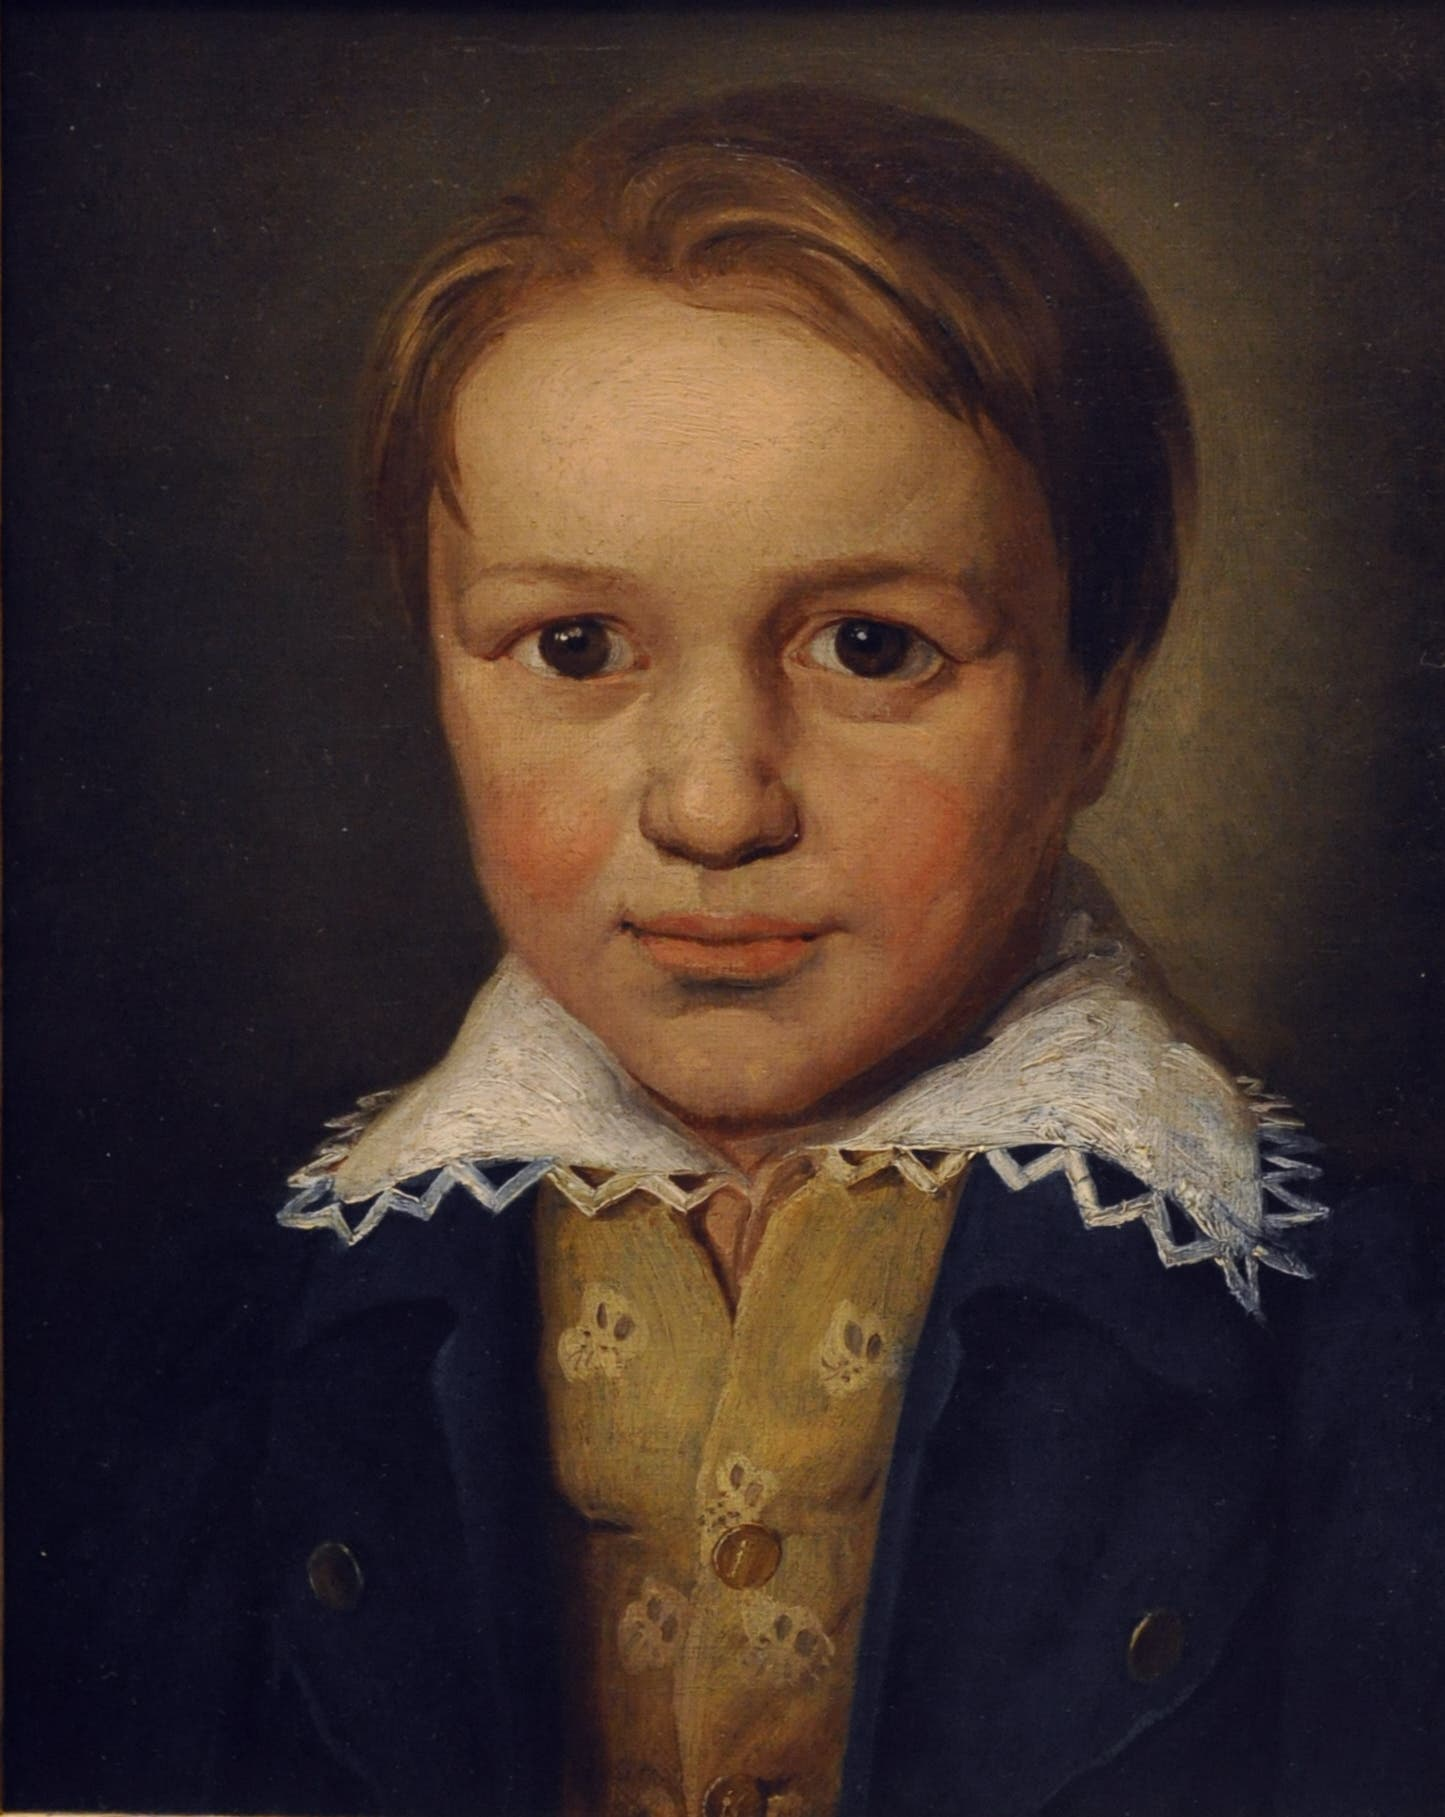 لوحة تجسد بيتهوفن خلال فترة طفولته